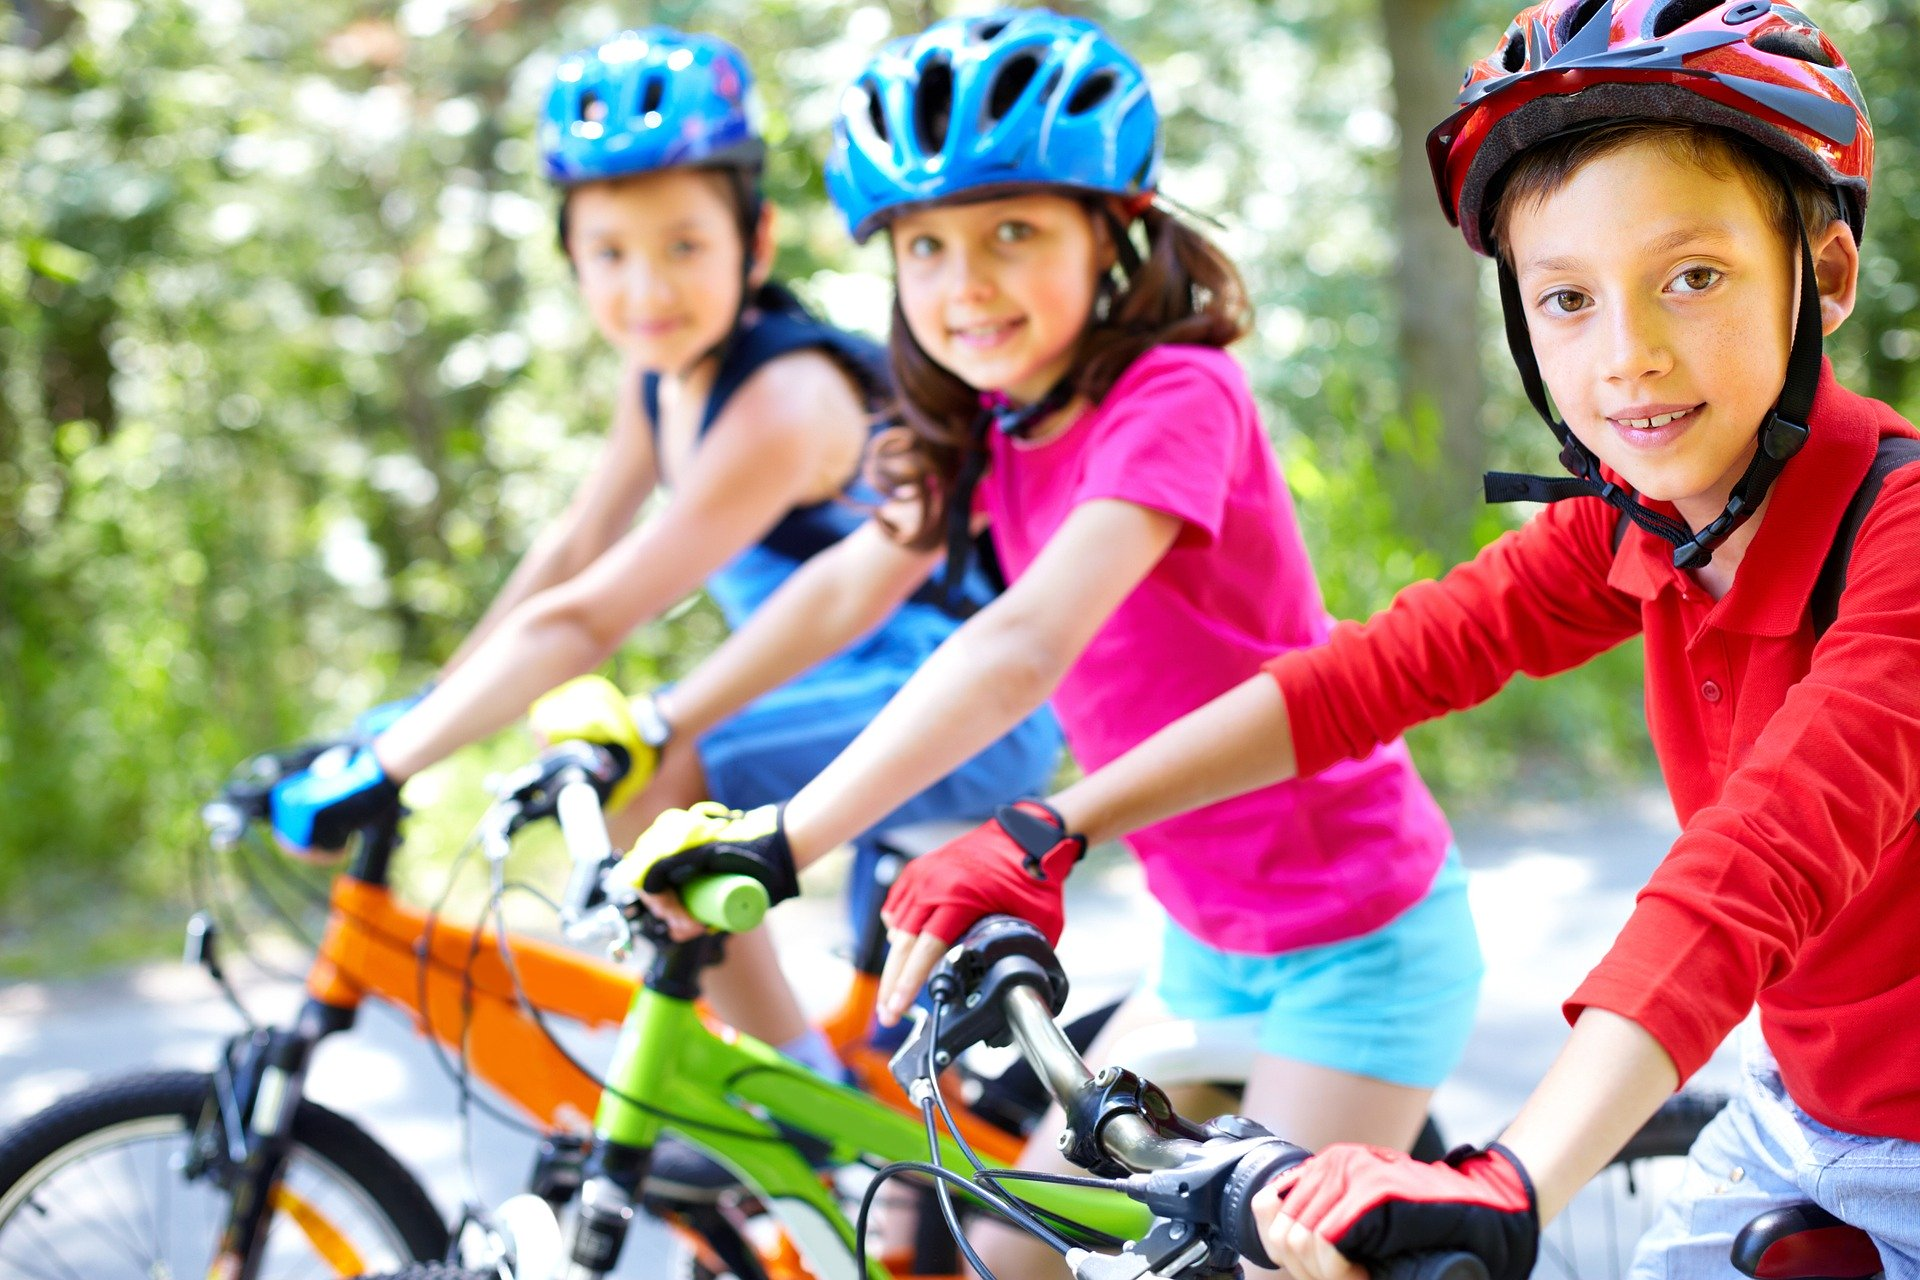 Kinder auf Fahrrädern lächeln in die Kamera